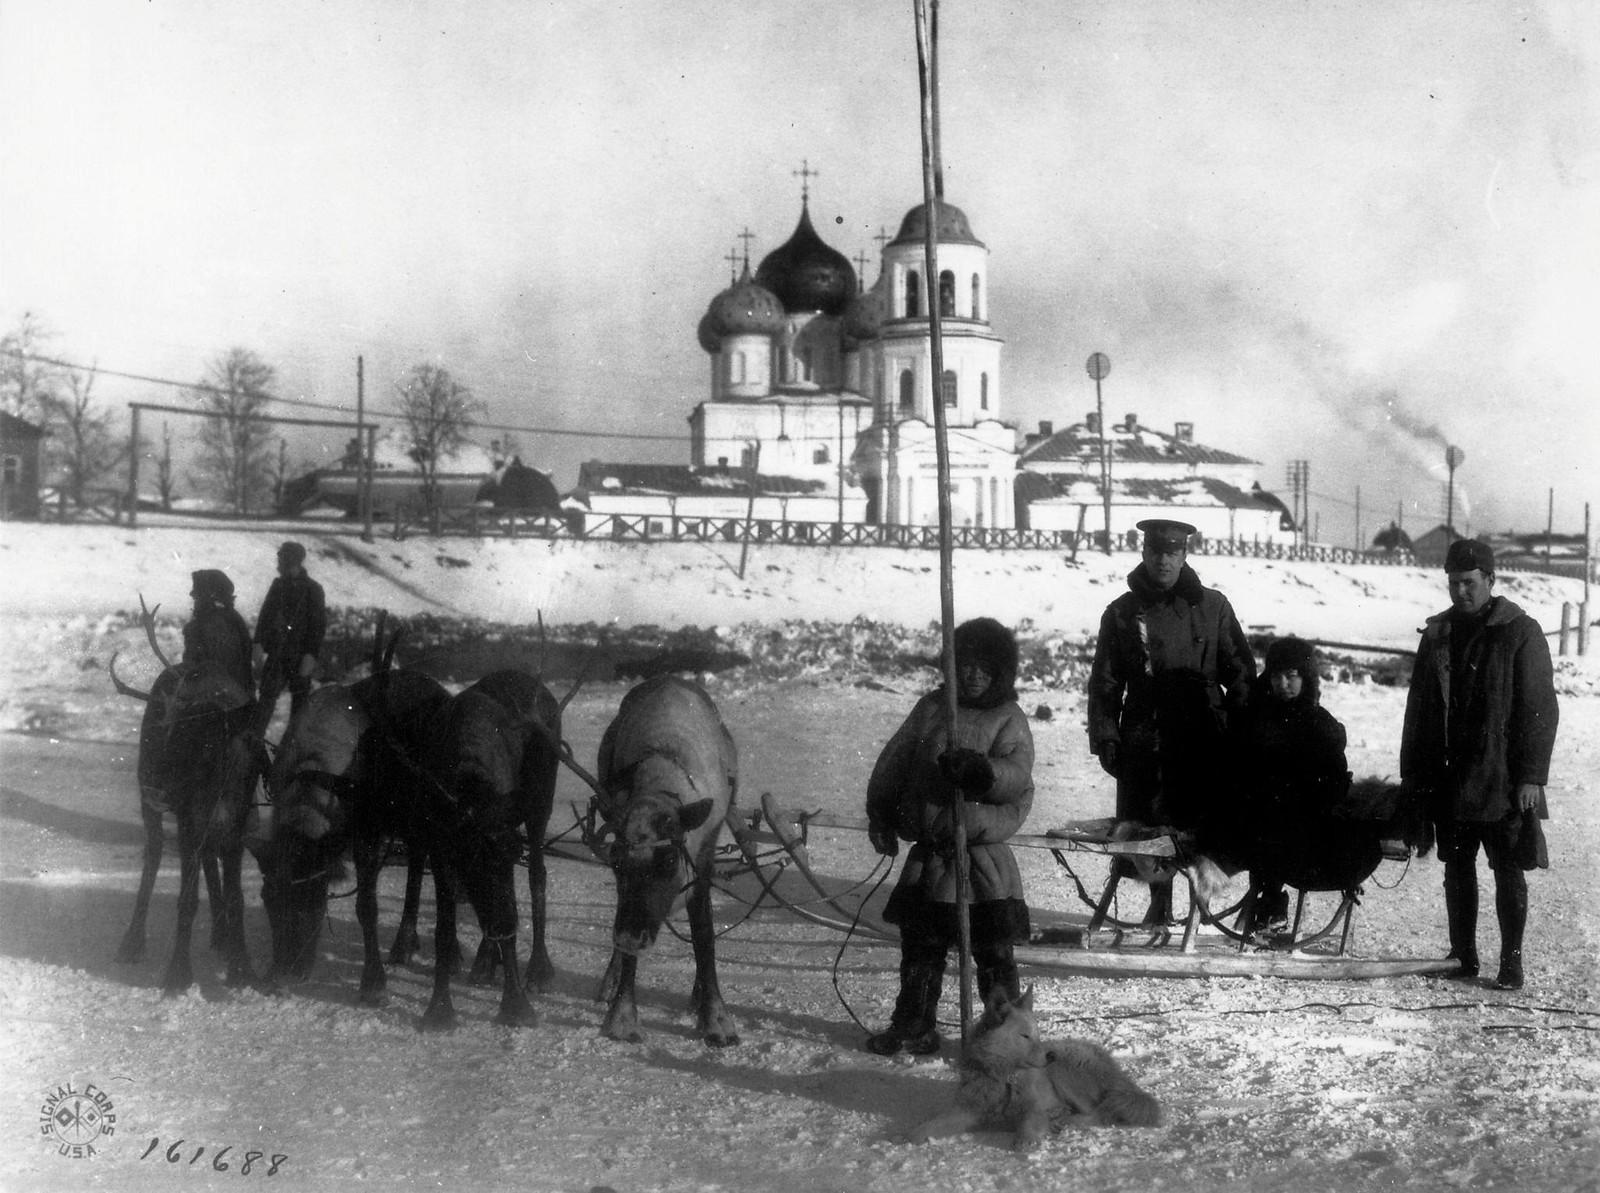 Архангельск. Местный вид транспорта зимой